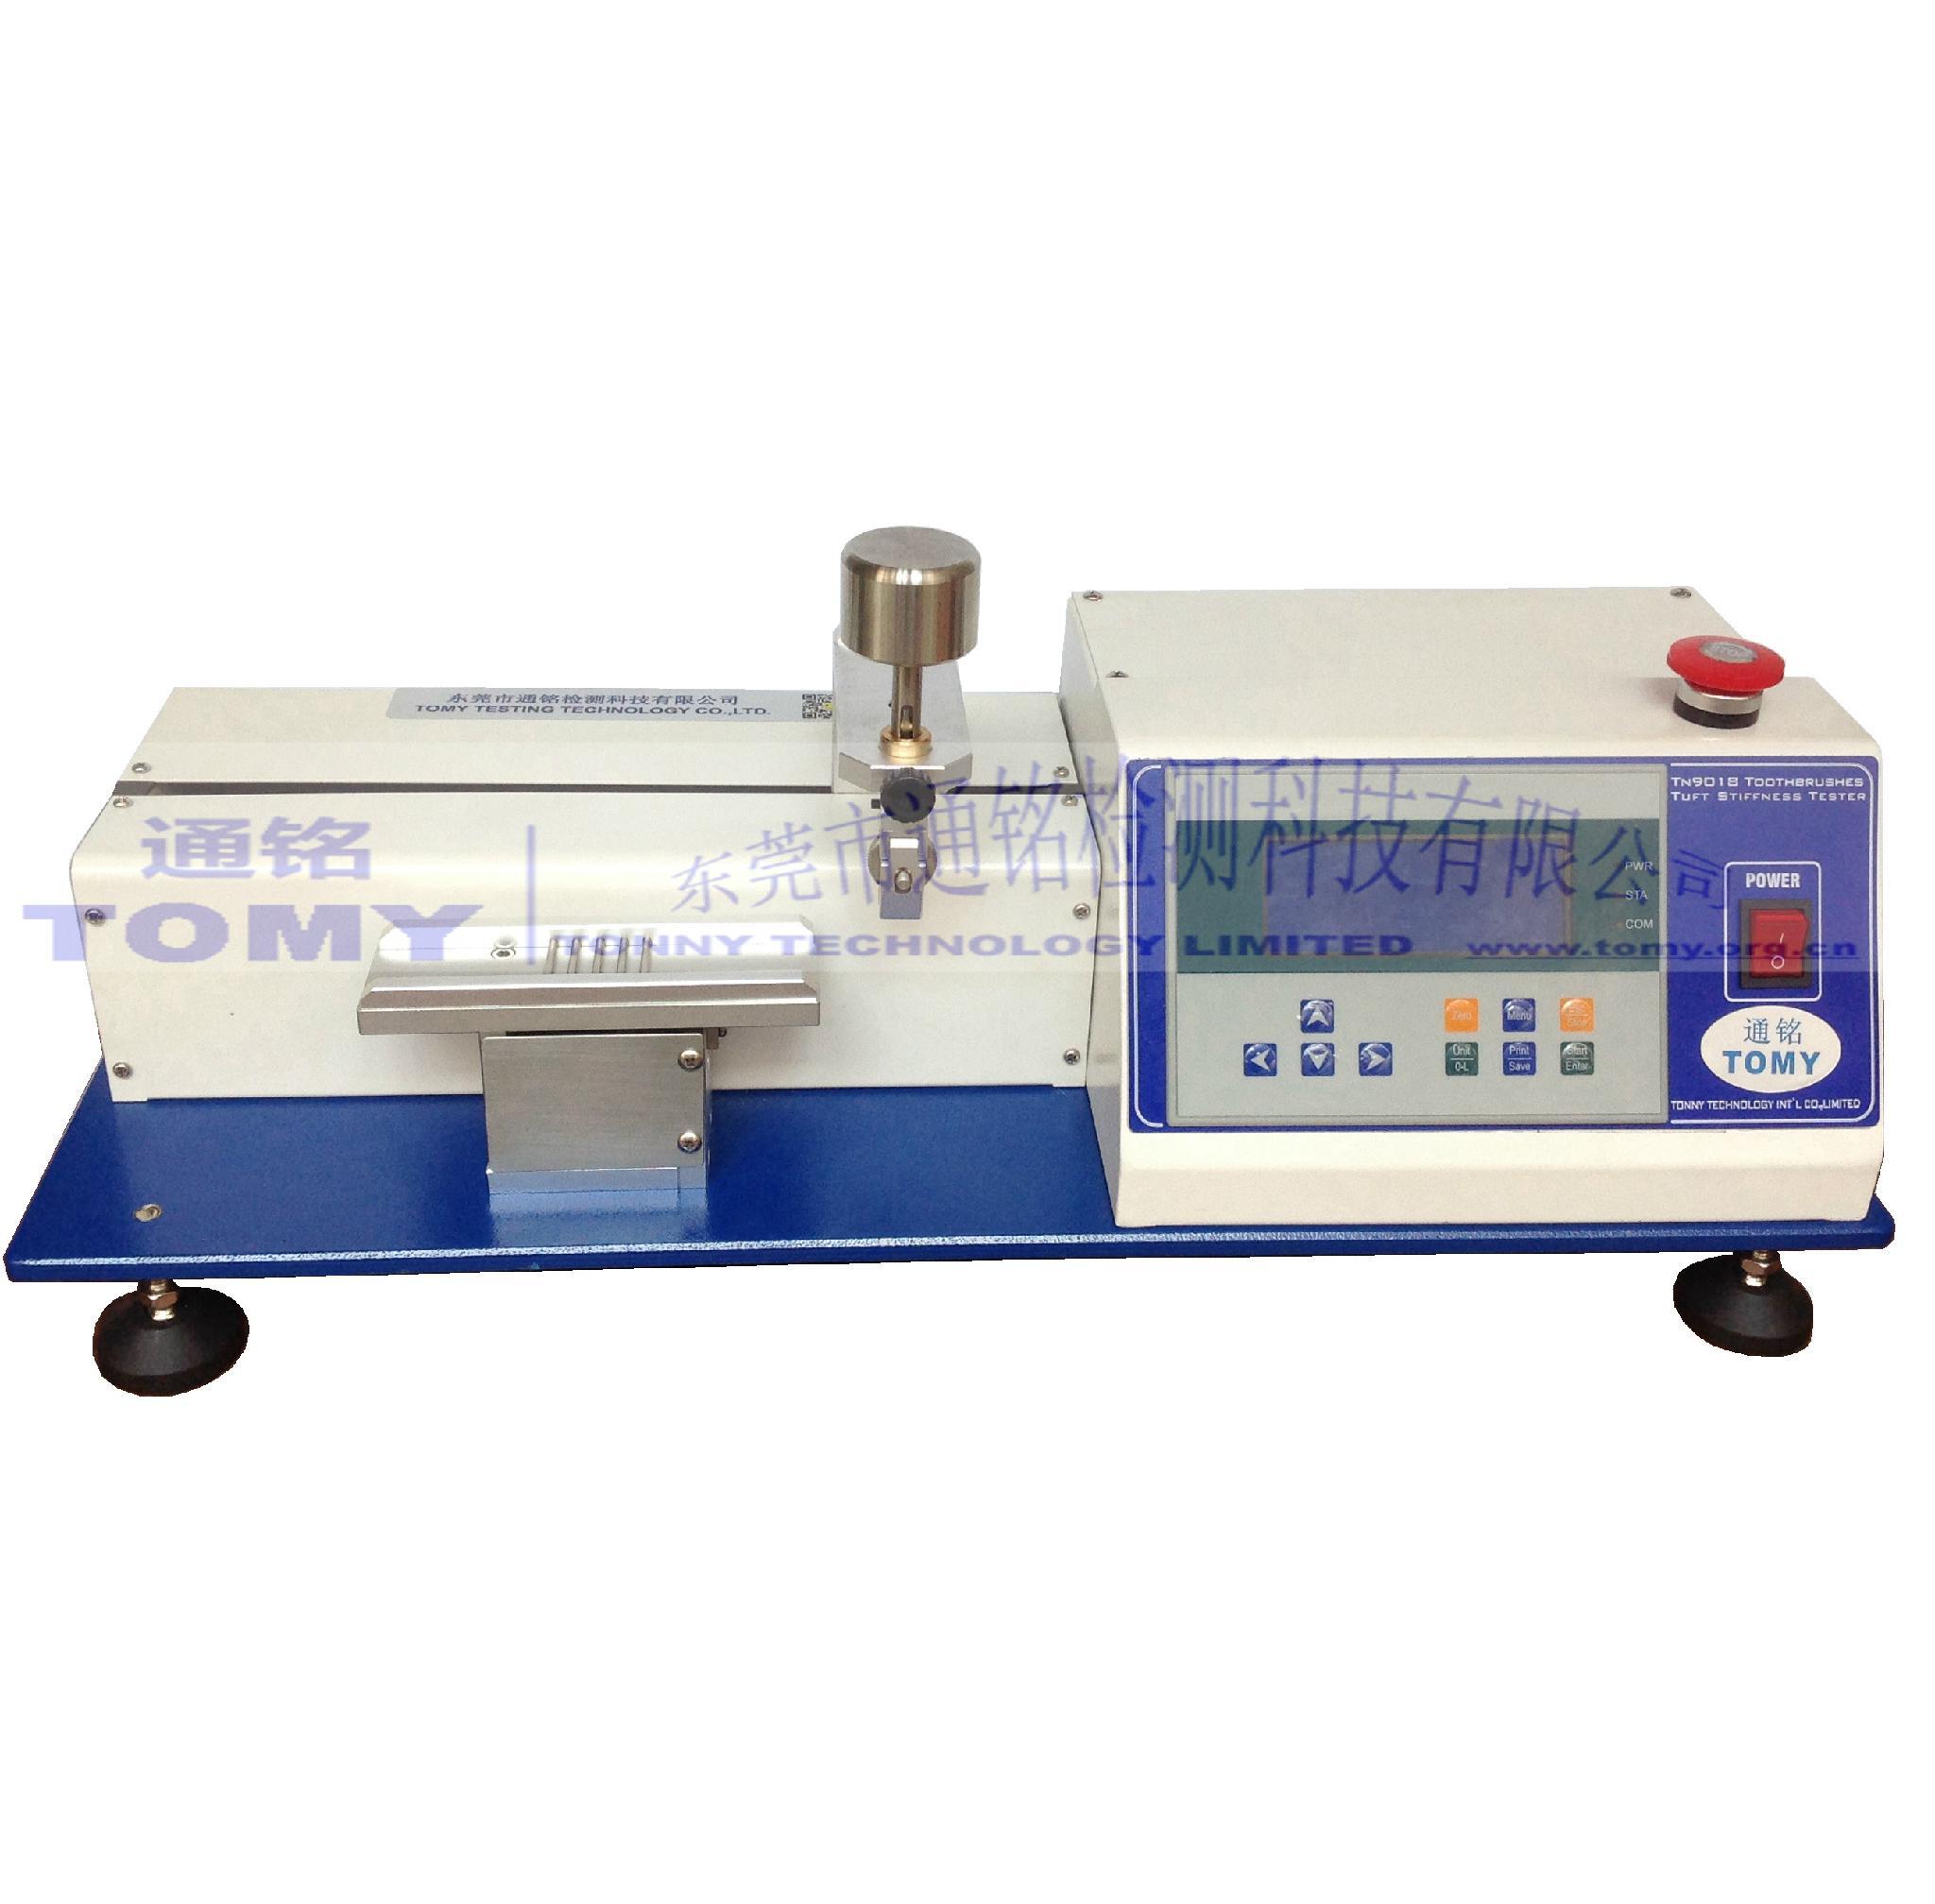 牙刷毛束强度测定仪,刷毛抗弯曲力测试GB30002 1